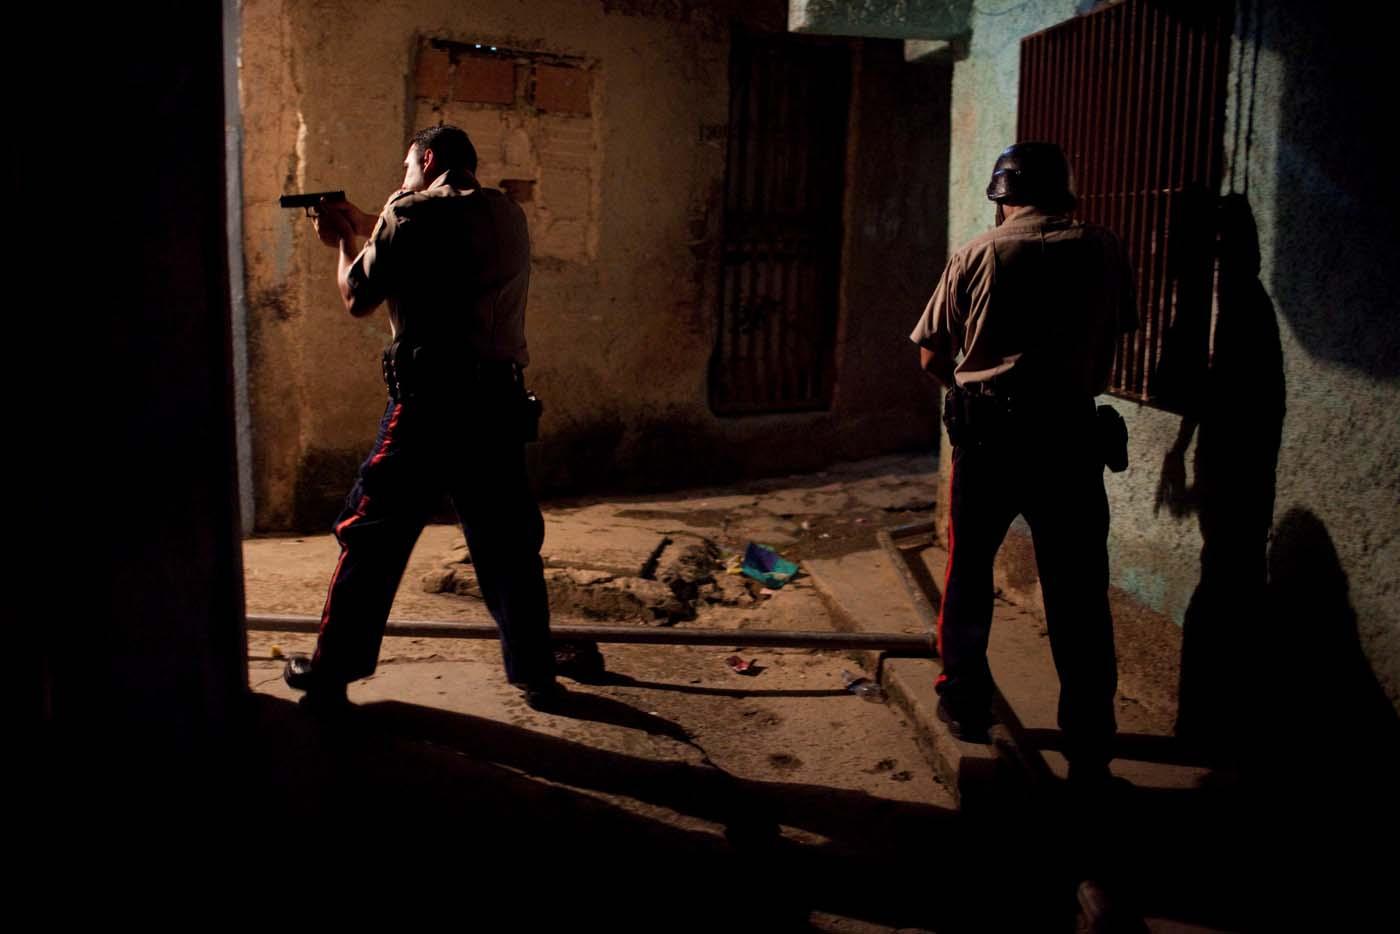 violencia inseguridad bandas armadas